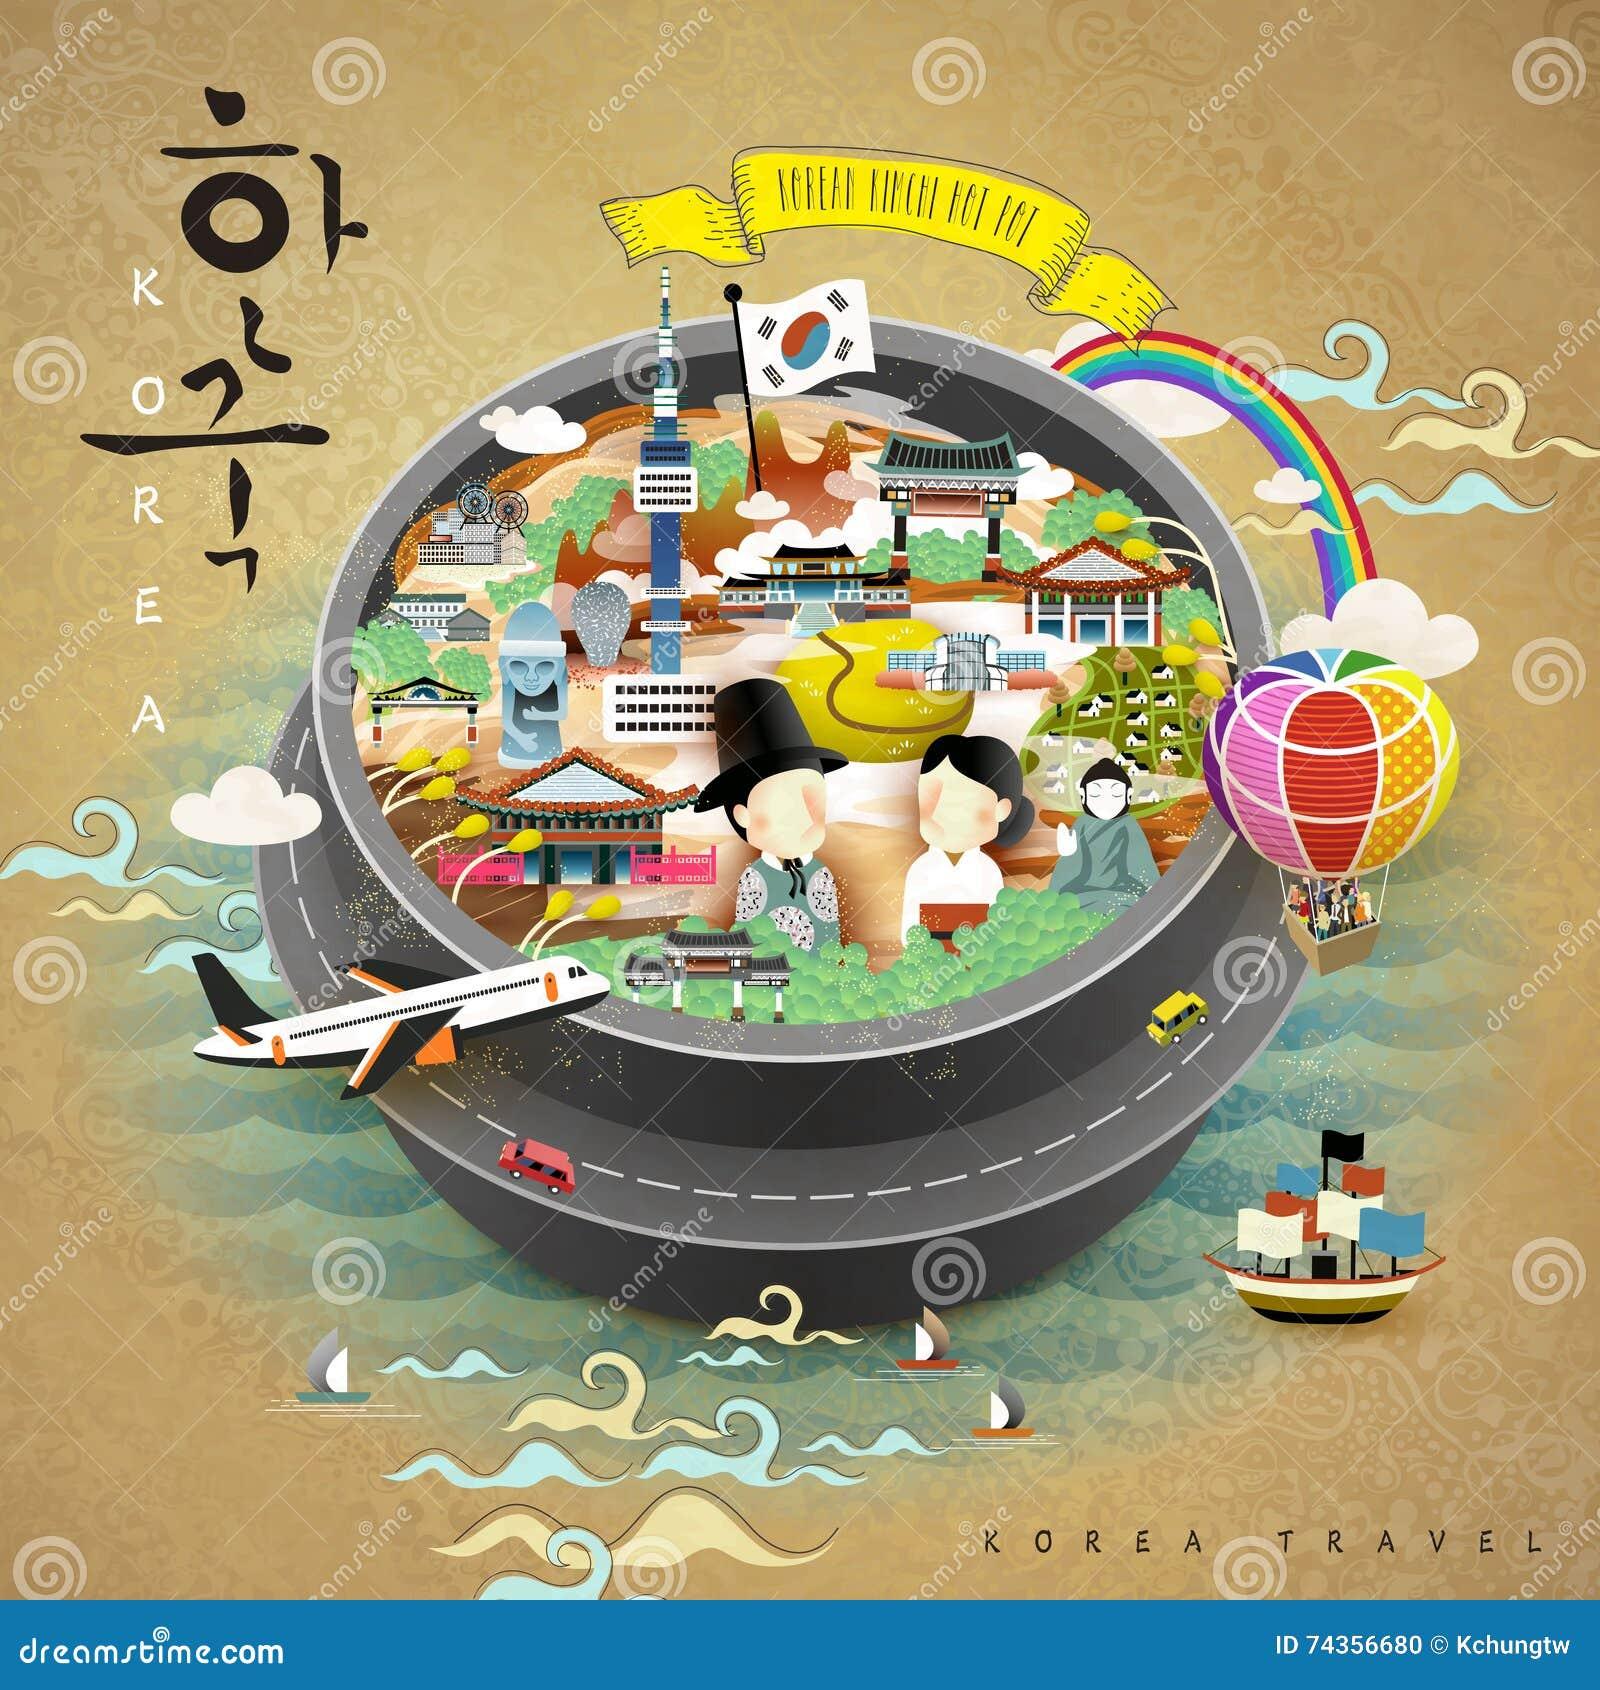 Korean poster design - Creative Korea Poster